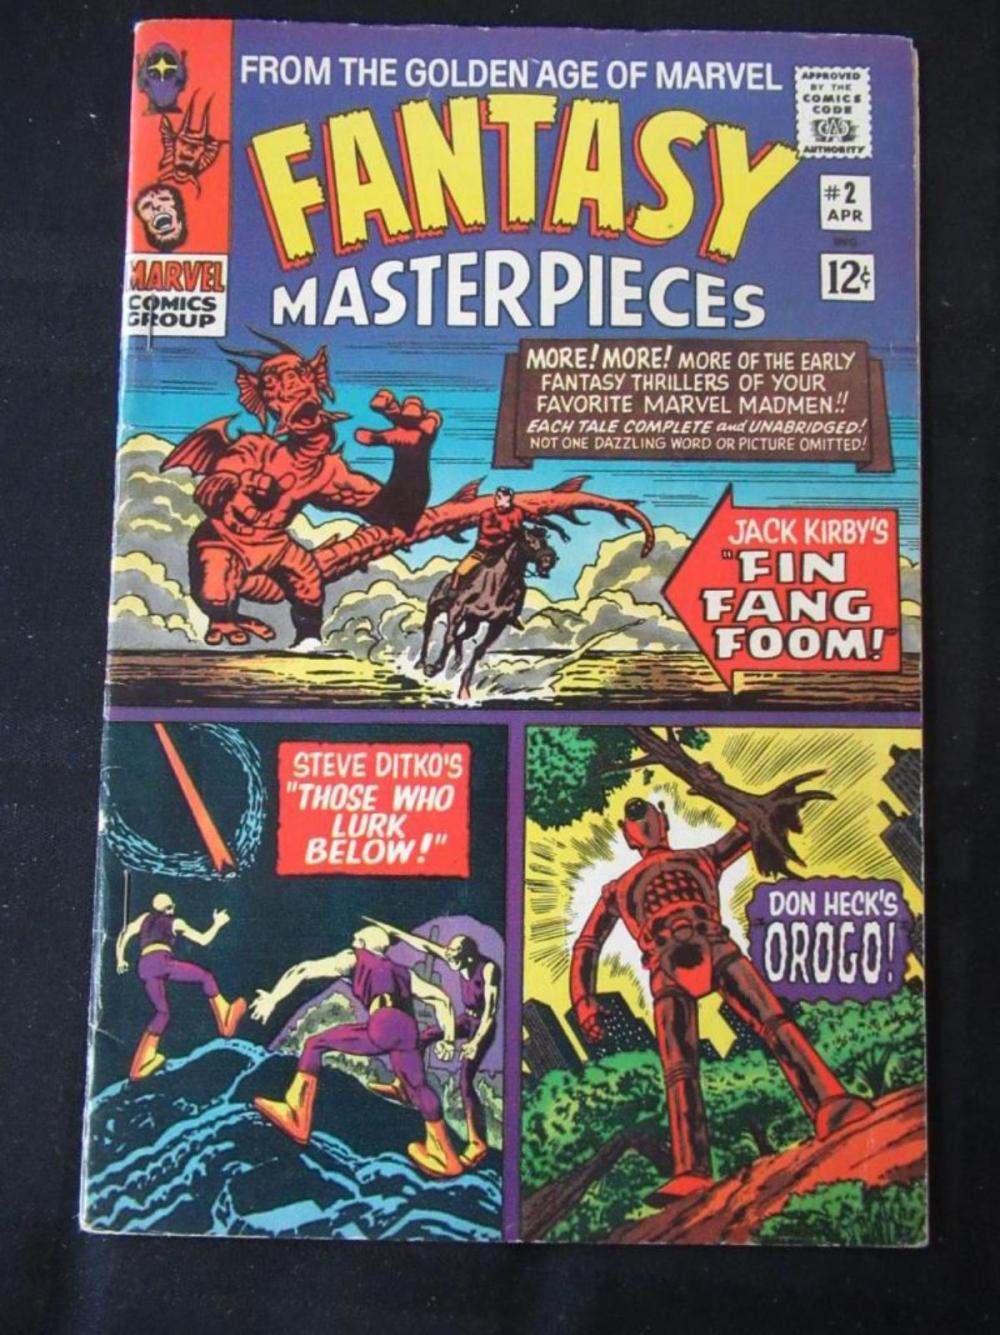 Lot 247: Fantasy Masterpieces 12c #2 Fin Fang Foom